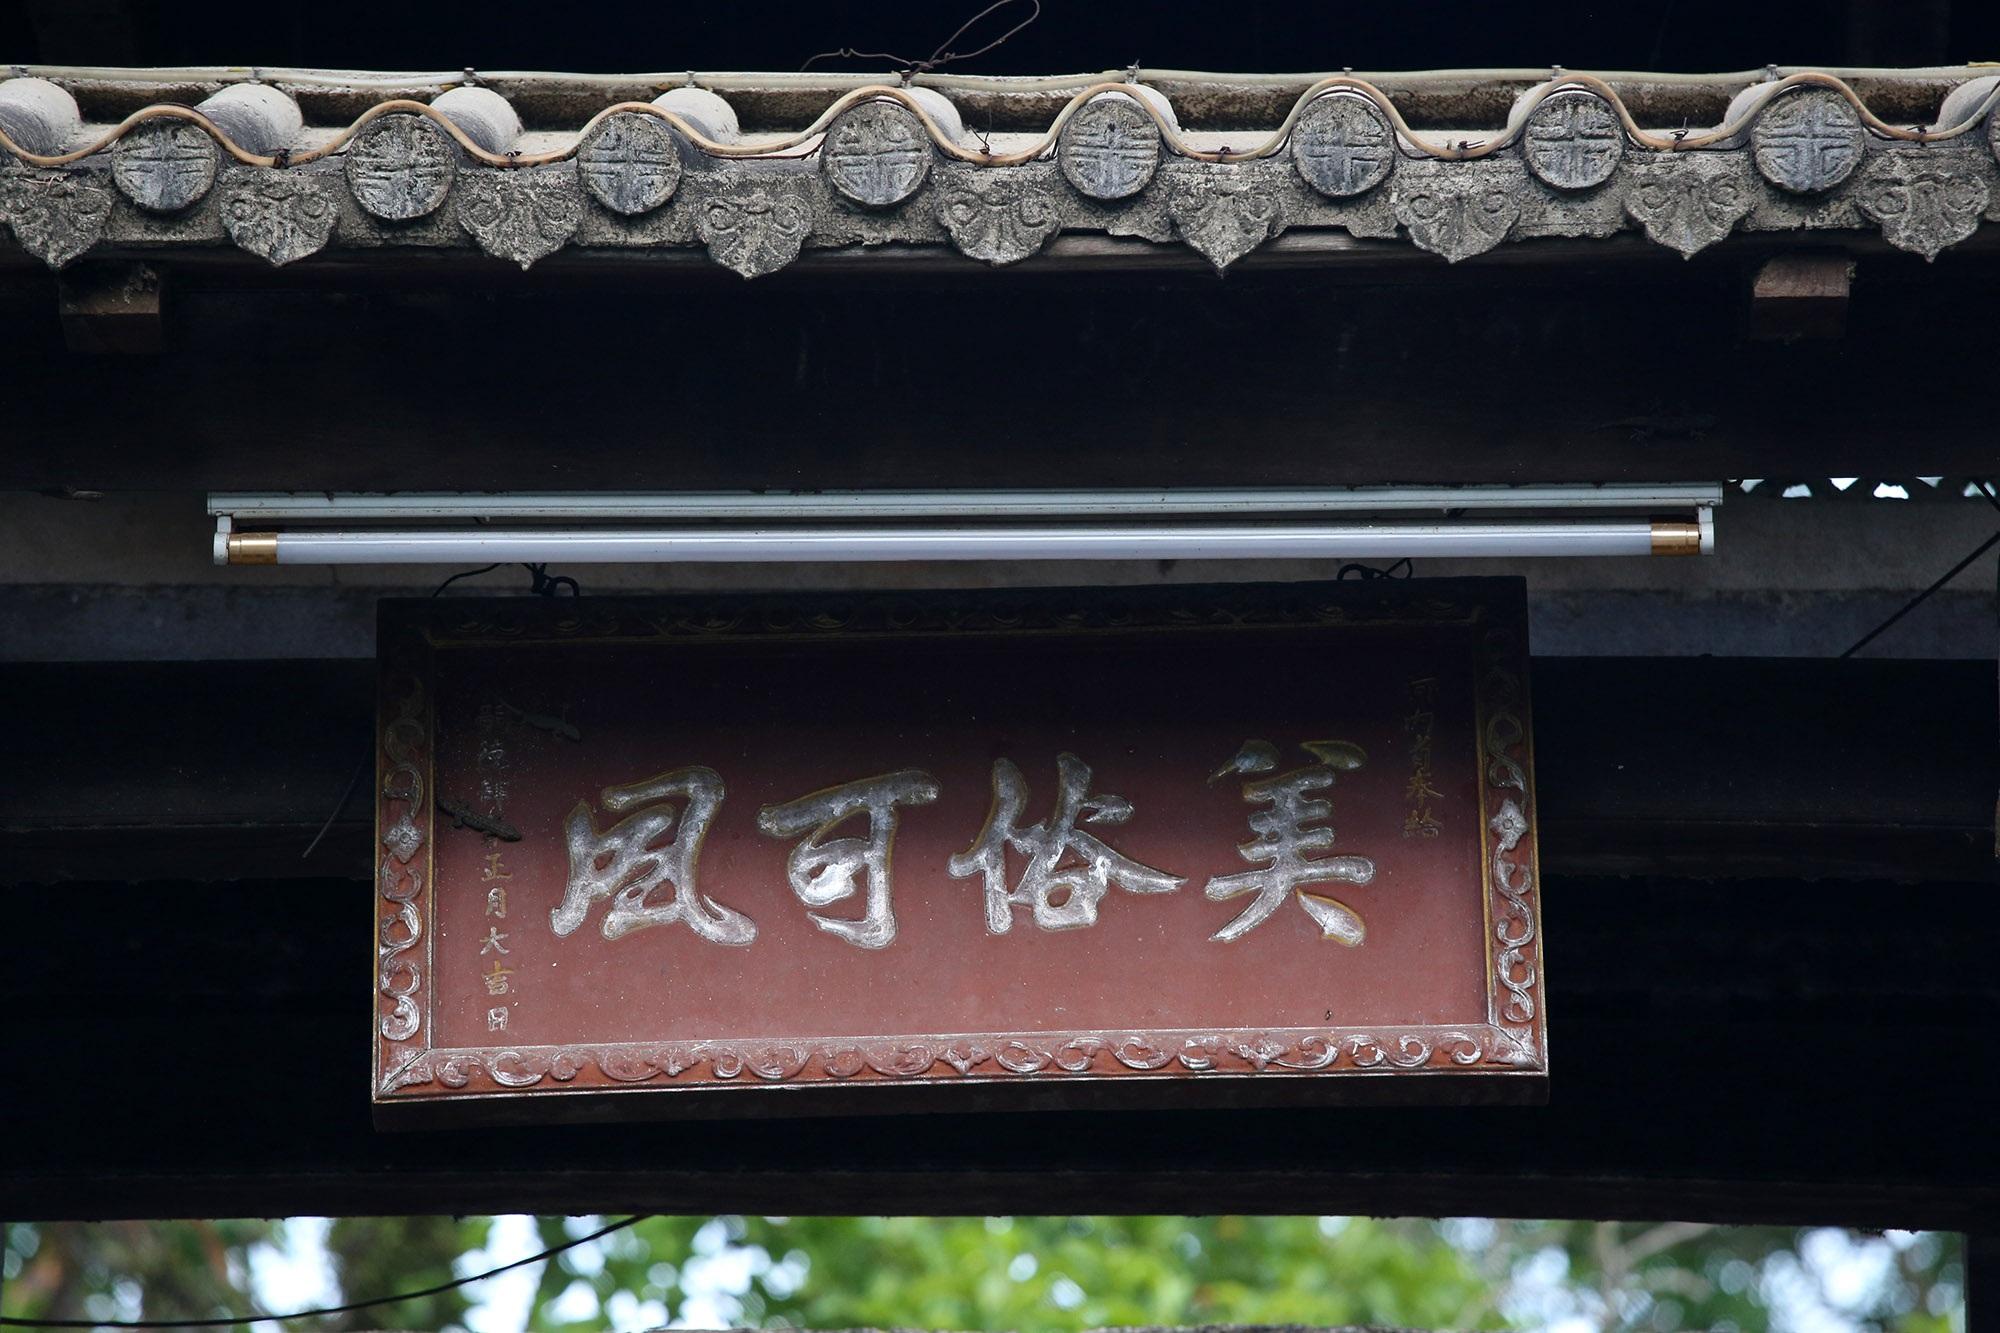 Khám phá vẻ đẹp của cổng làng đồ sộ trải qua 5 thế kỷ tại ngoại ô Hà Nội - 4